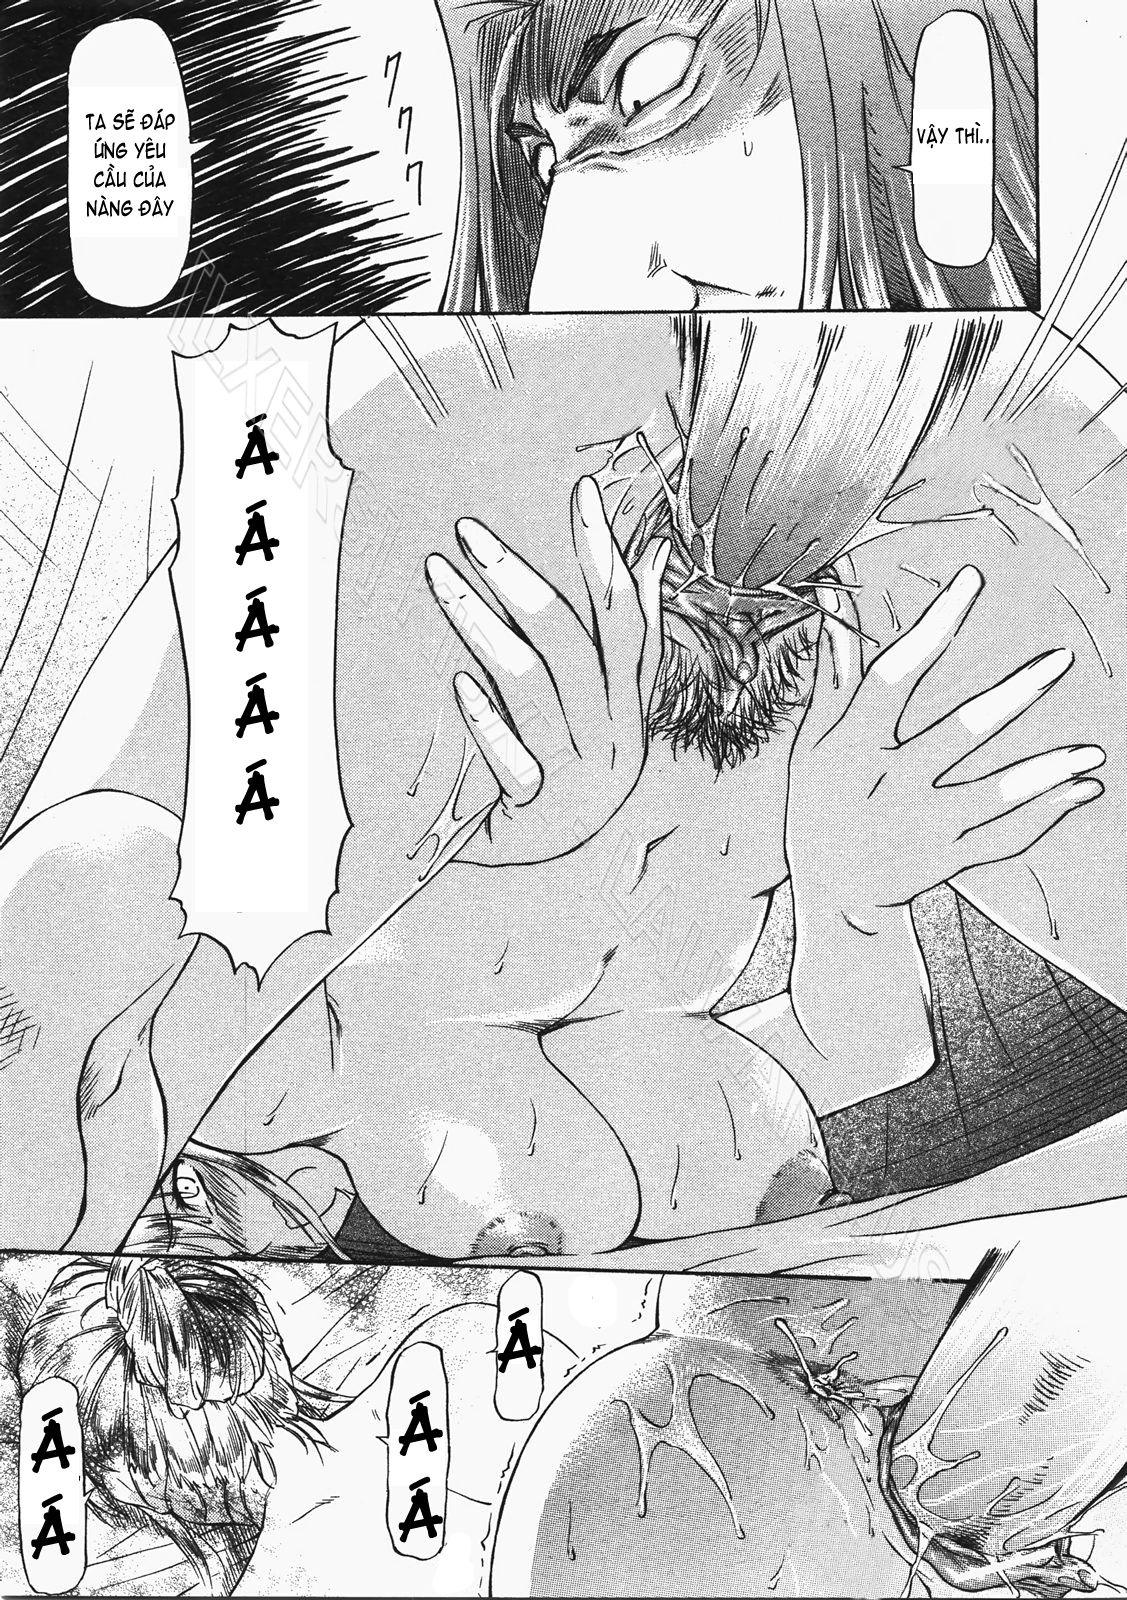 Hình ảnh Hinh_018 trong bài viết Truyện tranh hentai không che: Parabellum